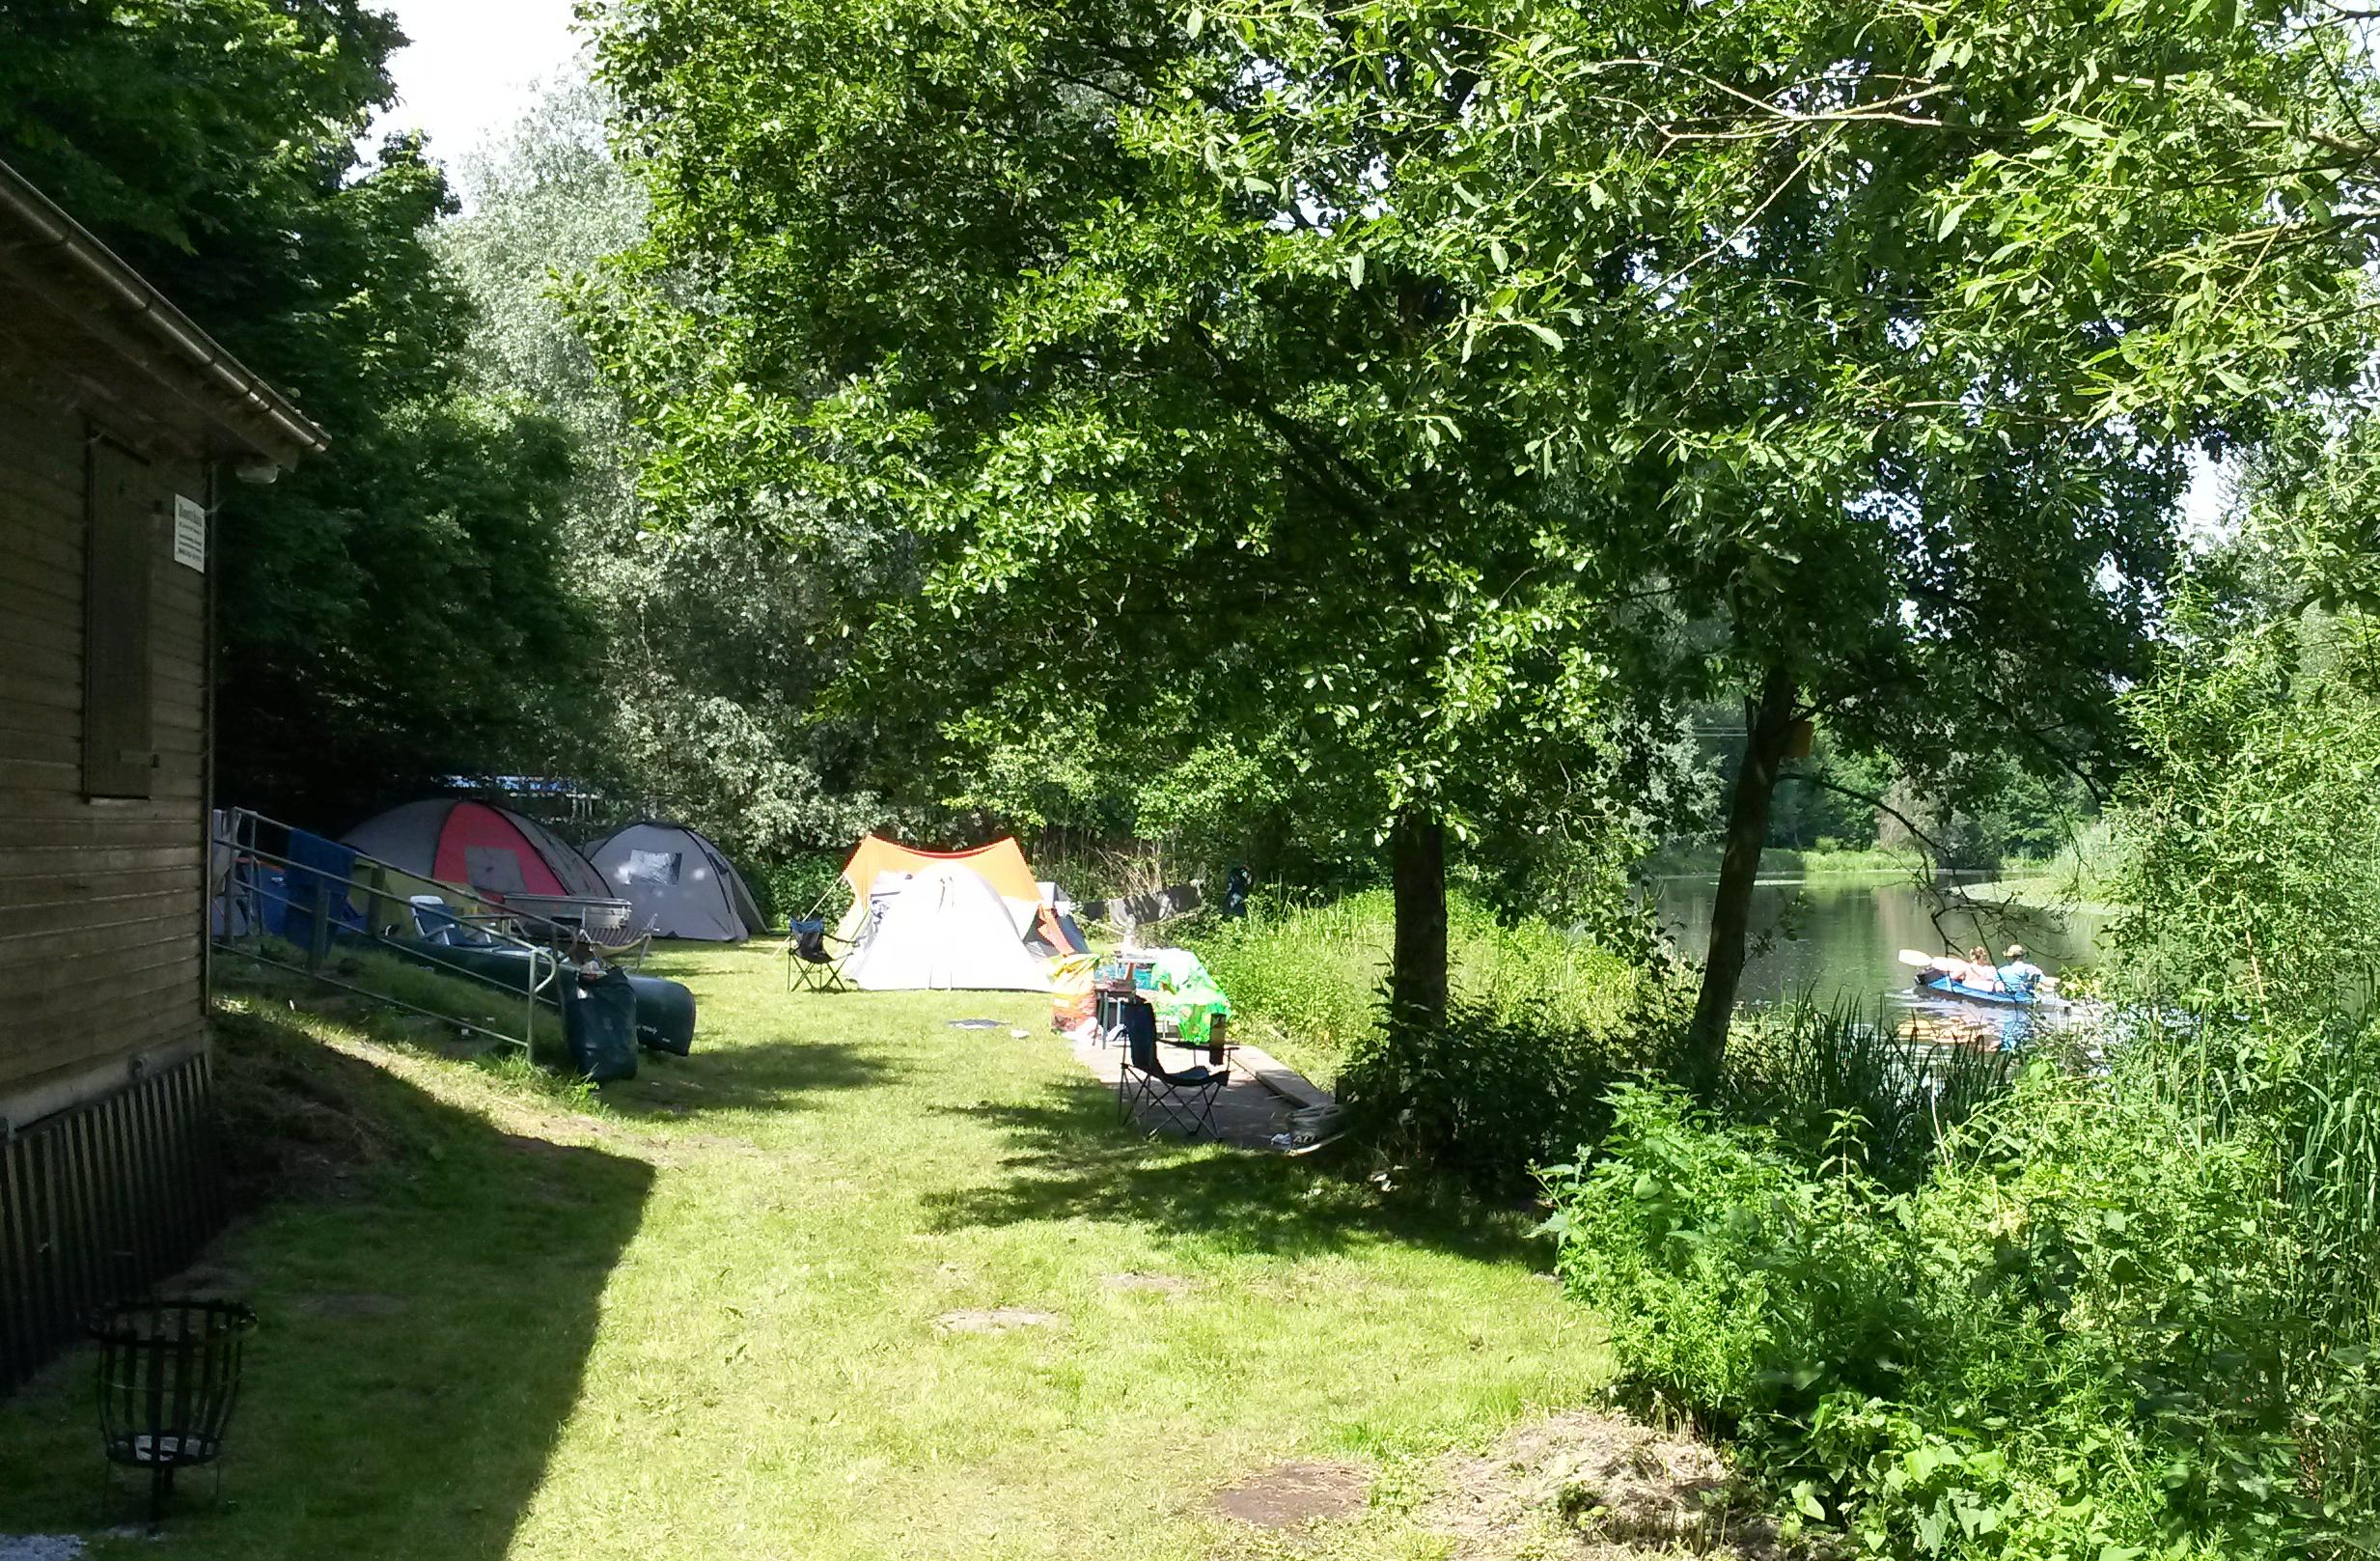 Biwakplatz in Seershausen